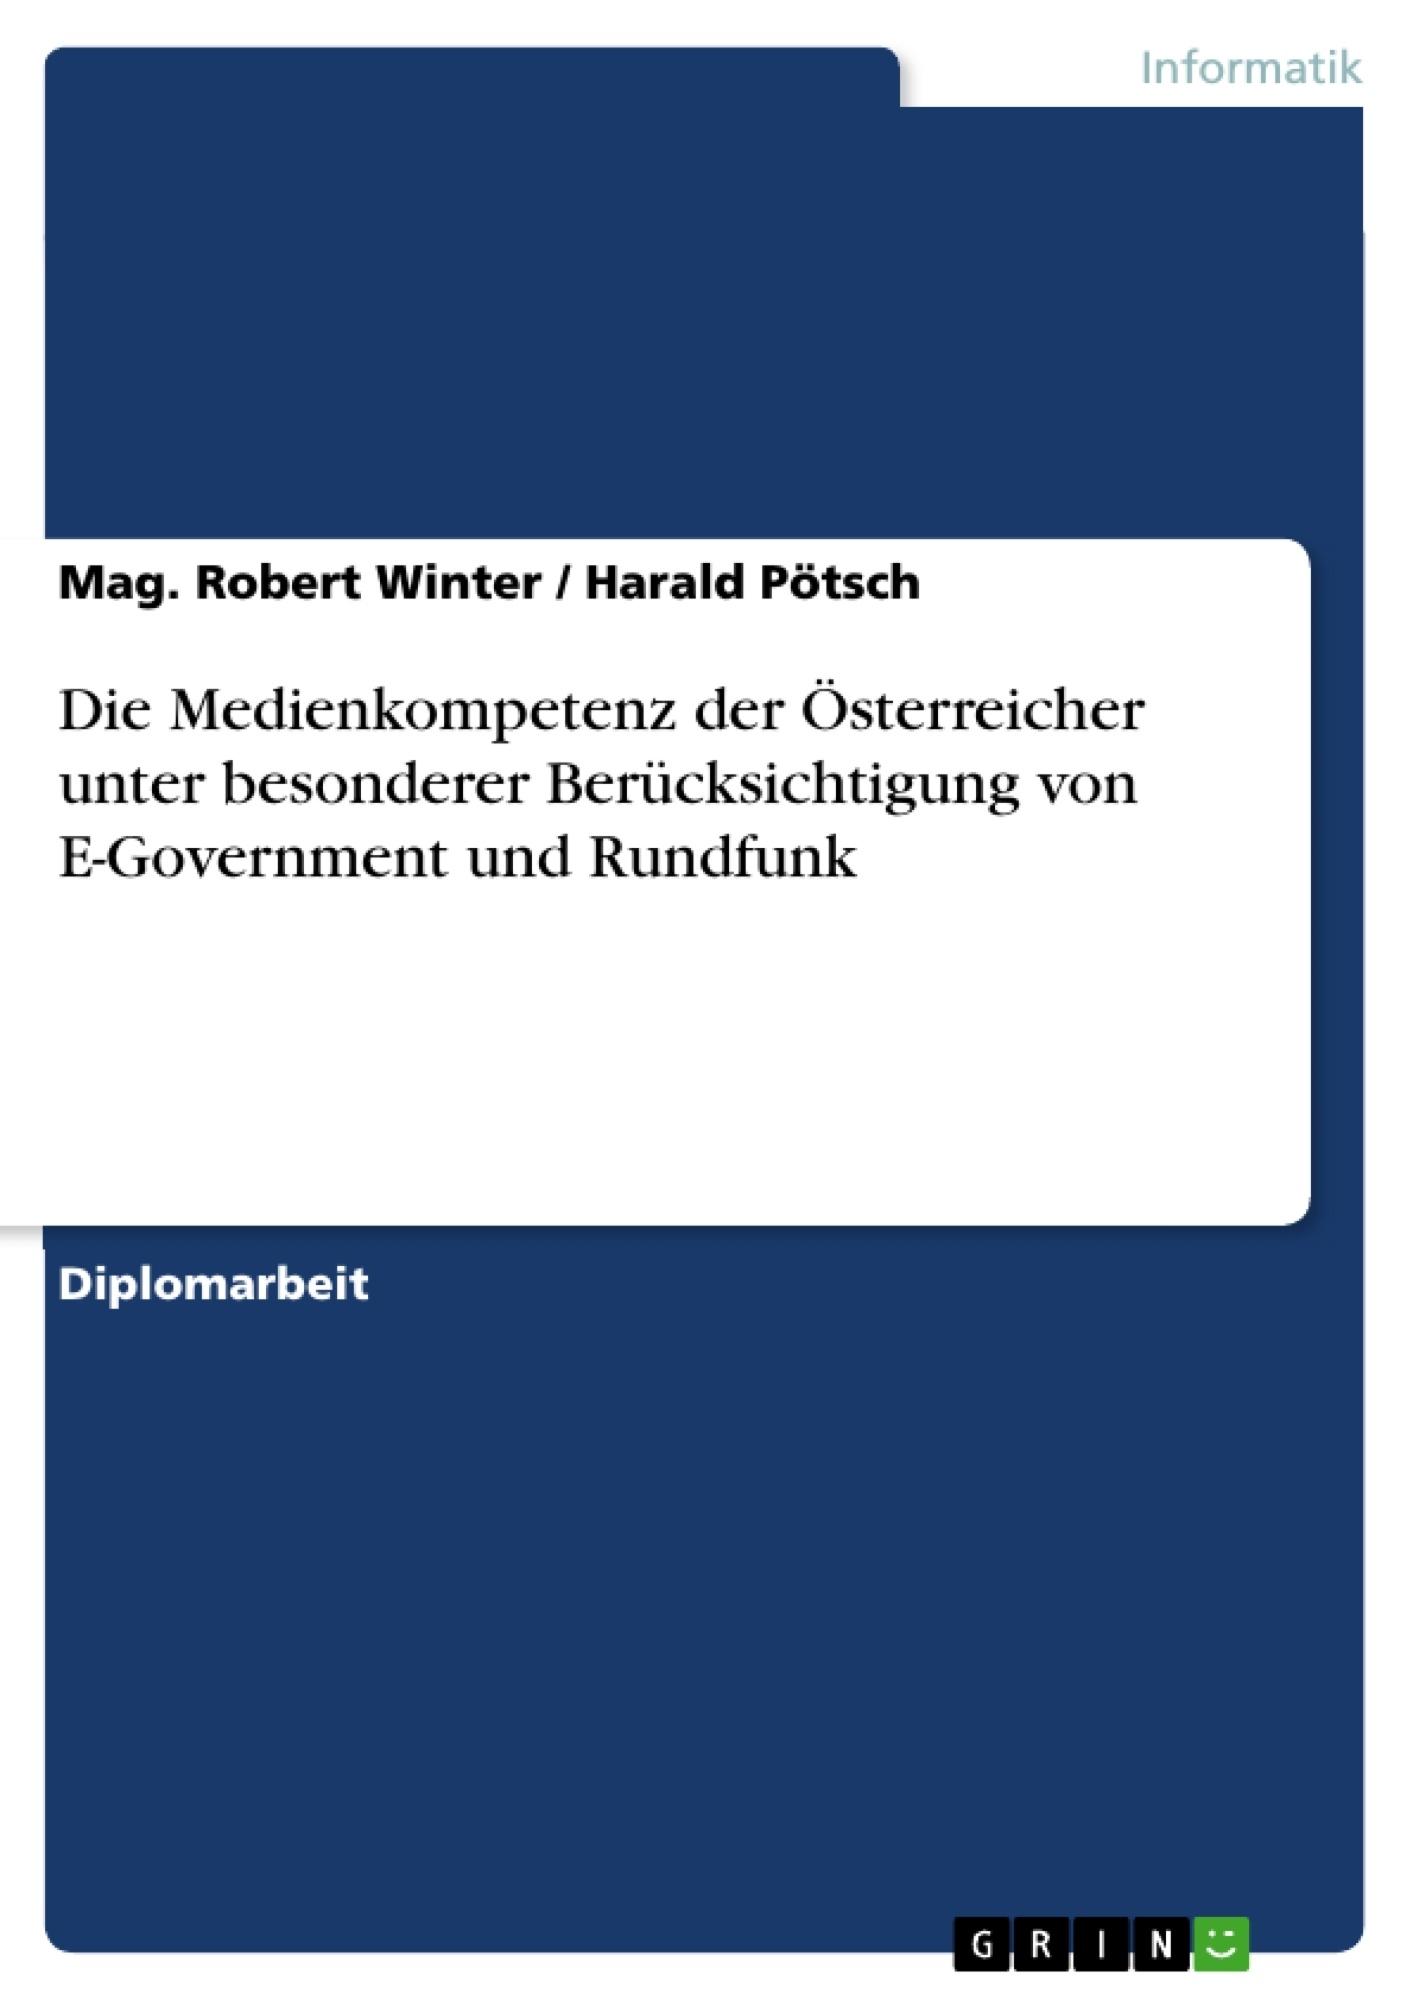 Titel: Die Medienkompetenz der Österreicher unter besonderer Berücksichtigung von E-Government und Rundfunk